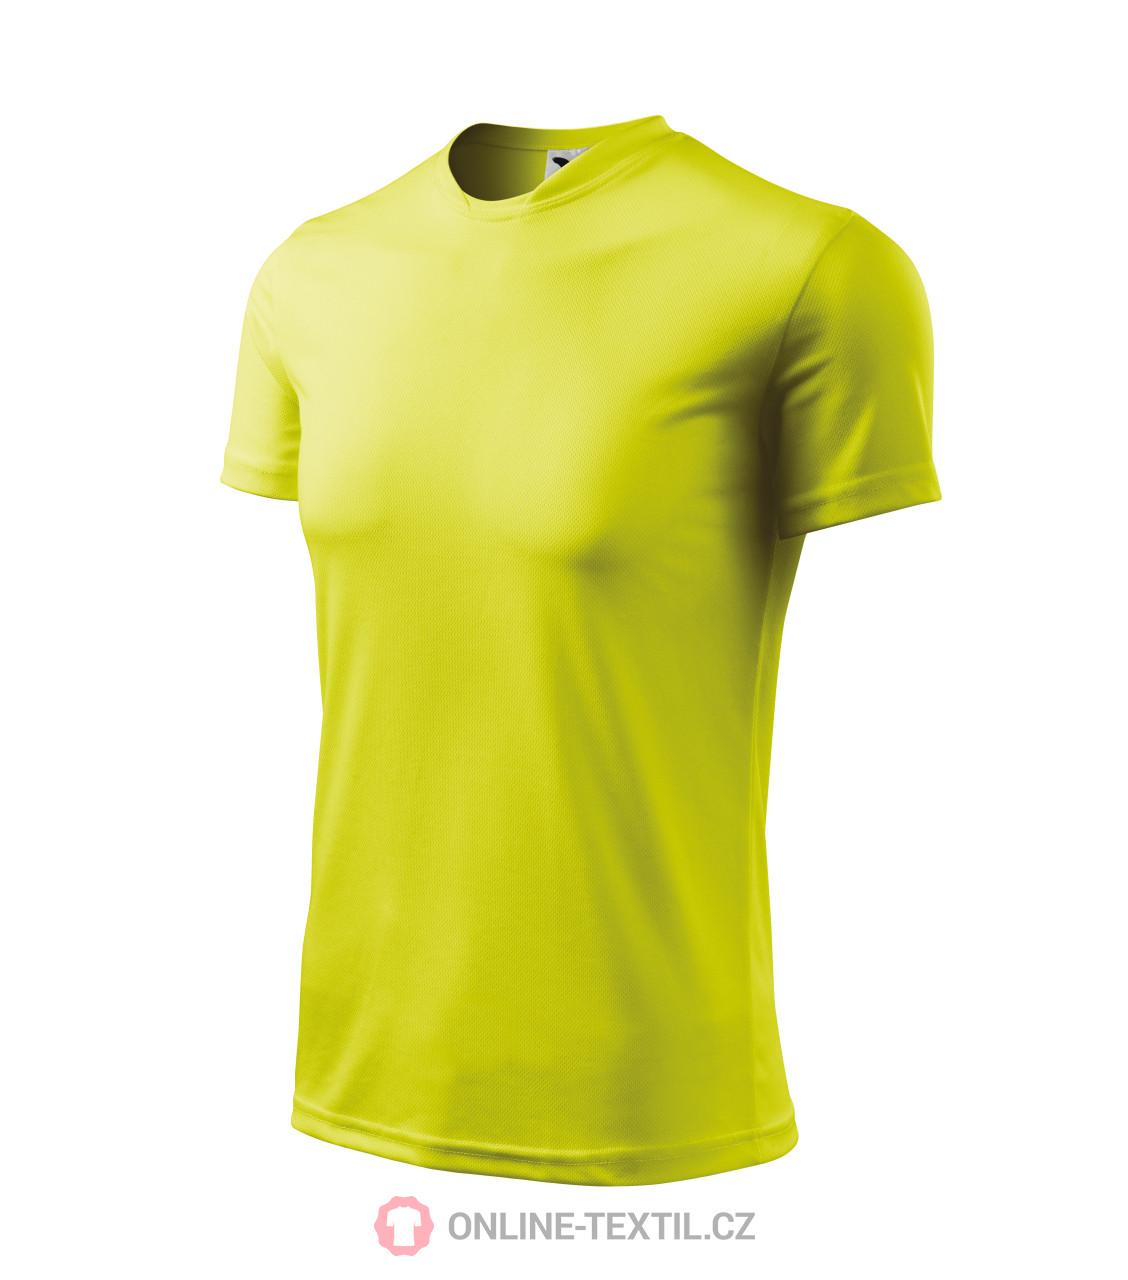 87be897c61280 ADLER CZECH Detské športové tričko Fantasy 147 - neon yellow z ...